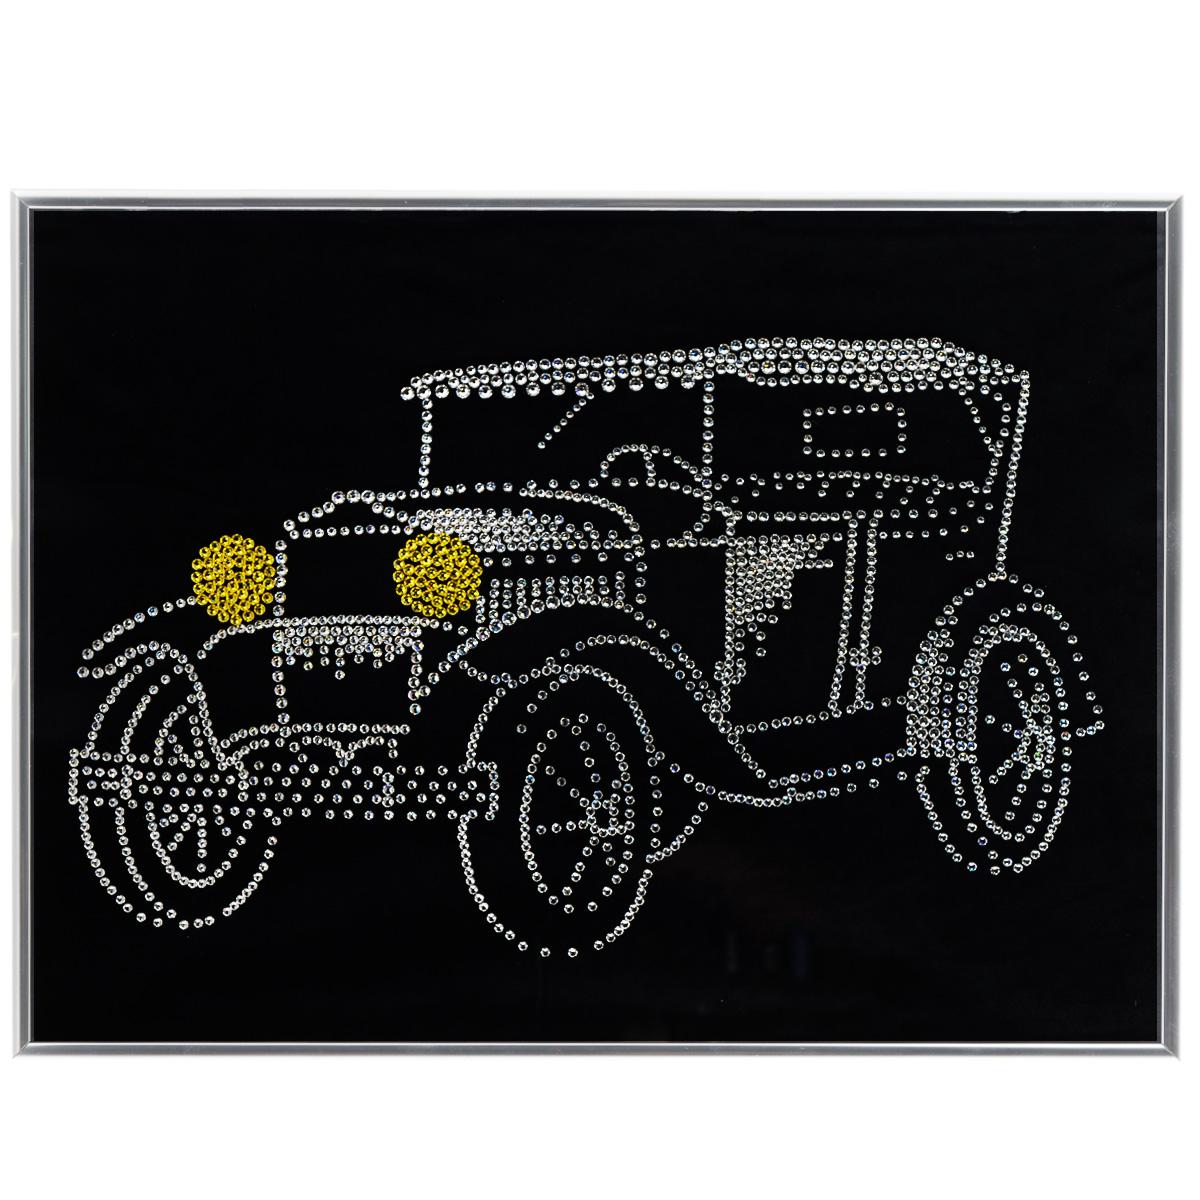 Картина с кристаллами Swarovski Ретроавтомобиль, 40 см х 30 см1259Изящная картина в металлической раме, инкрустирована кристаллами Swarovski в виде ретро автомобиля. Кристаллы Swarovski отличаются четкой и ровной огранкой, ярким блеском и чистотой цвета. Под стеклом картина оформлена бархатистой тканью, что прекрасно дополняет блеск кристаллов. С обратной стороны имеется металлическая проволока для размещения картины на стене. Картина с кристаллами Swarovski Ретроавтомобиль элегантно украсит интерьер дома или офиса, а также станет прекрасным подарком, который обязательно понравится получателю. Блеск кристаллов в интерьере, что может быть сказочнее и удивительнее. Картина упакована в подарочную картонную коробку синего цвета и комплектуется сертификатом соответствия Swarovski.